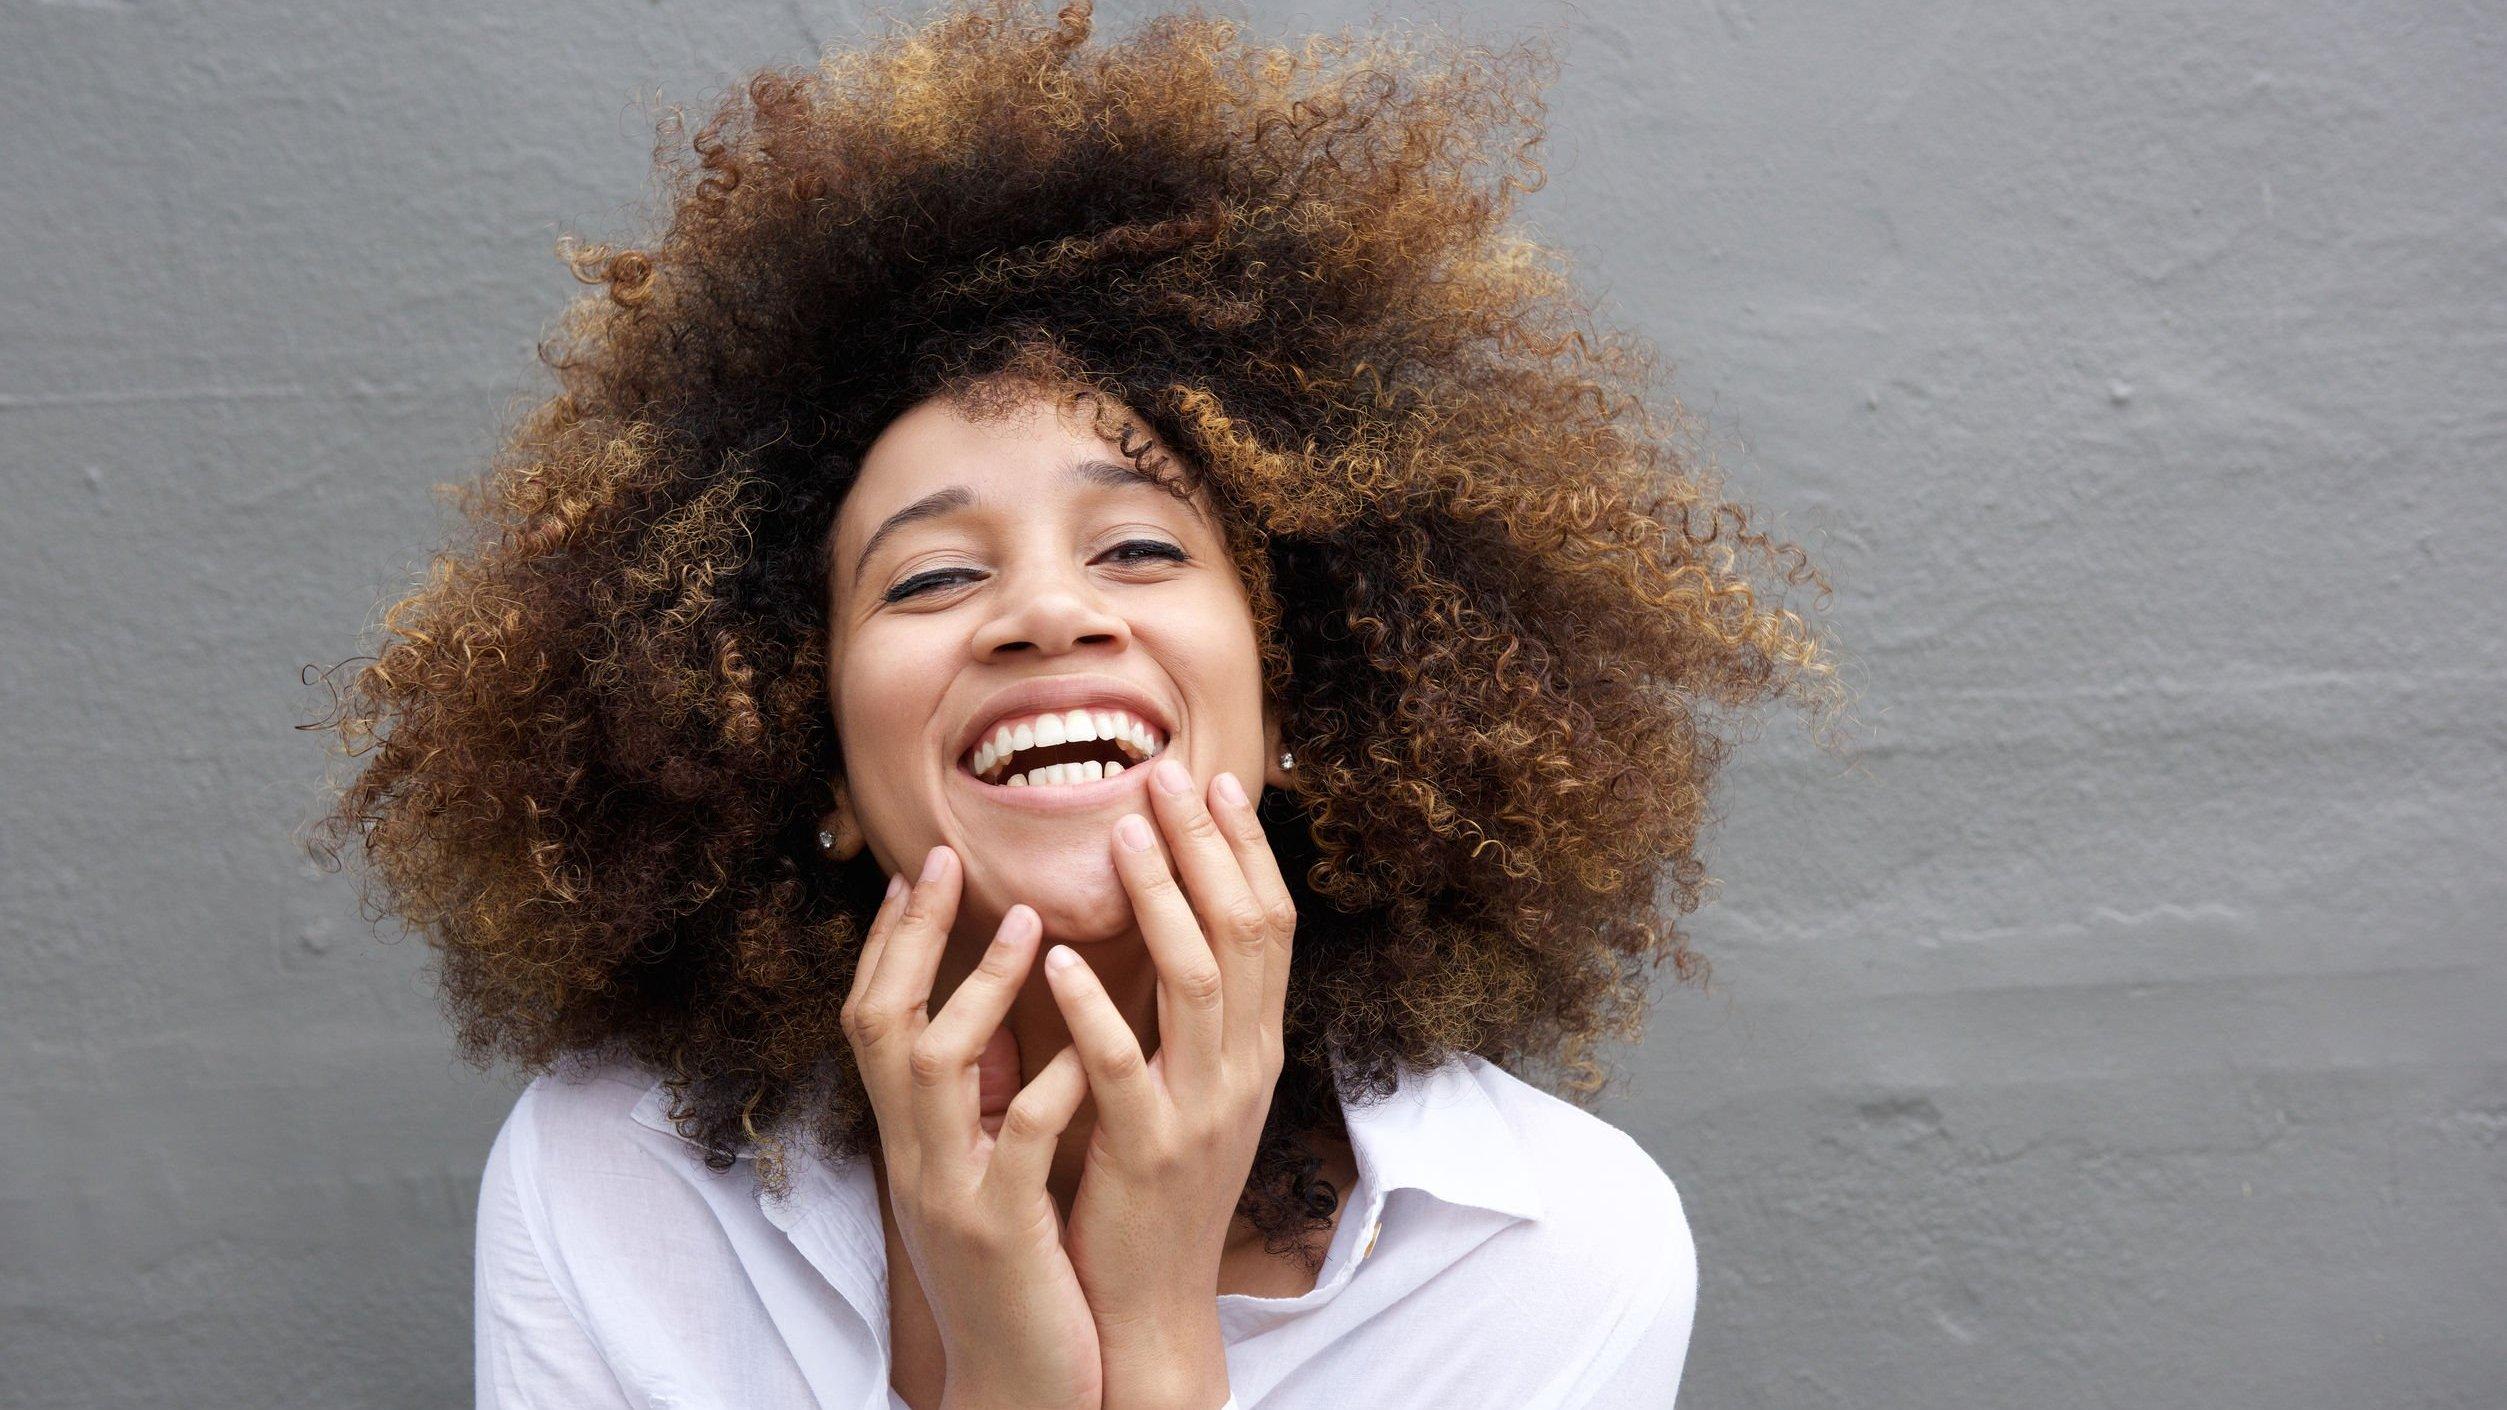 Mulher sorrindo com suas mãos perto da boca